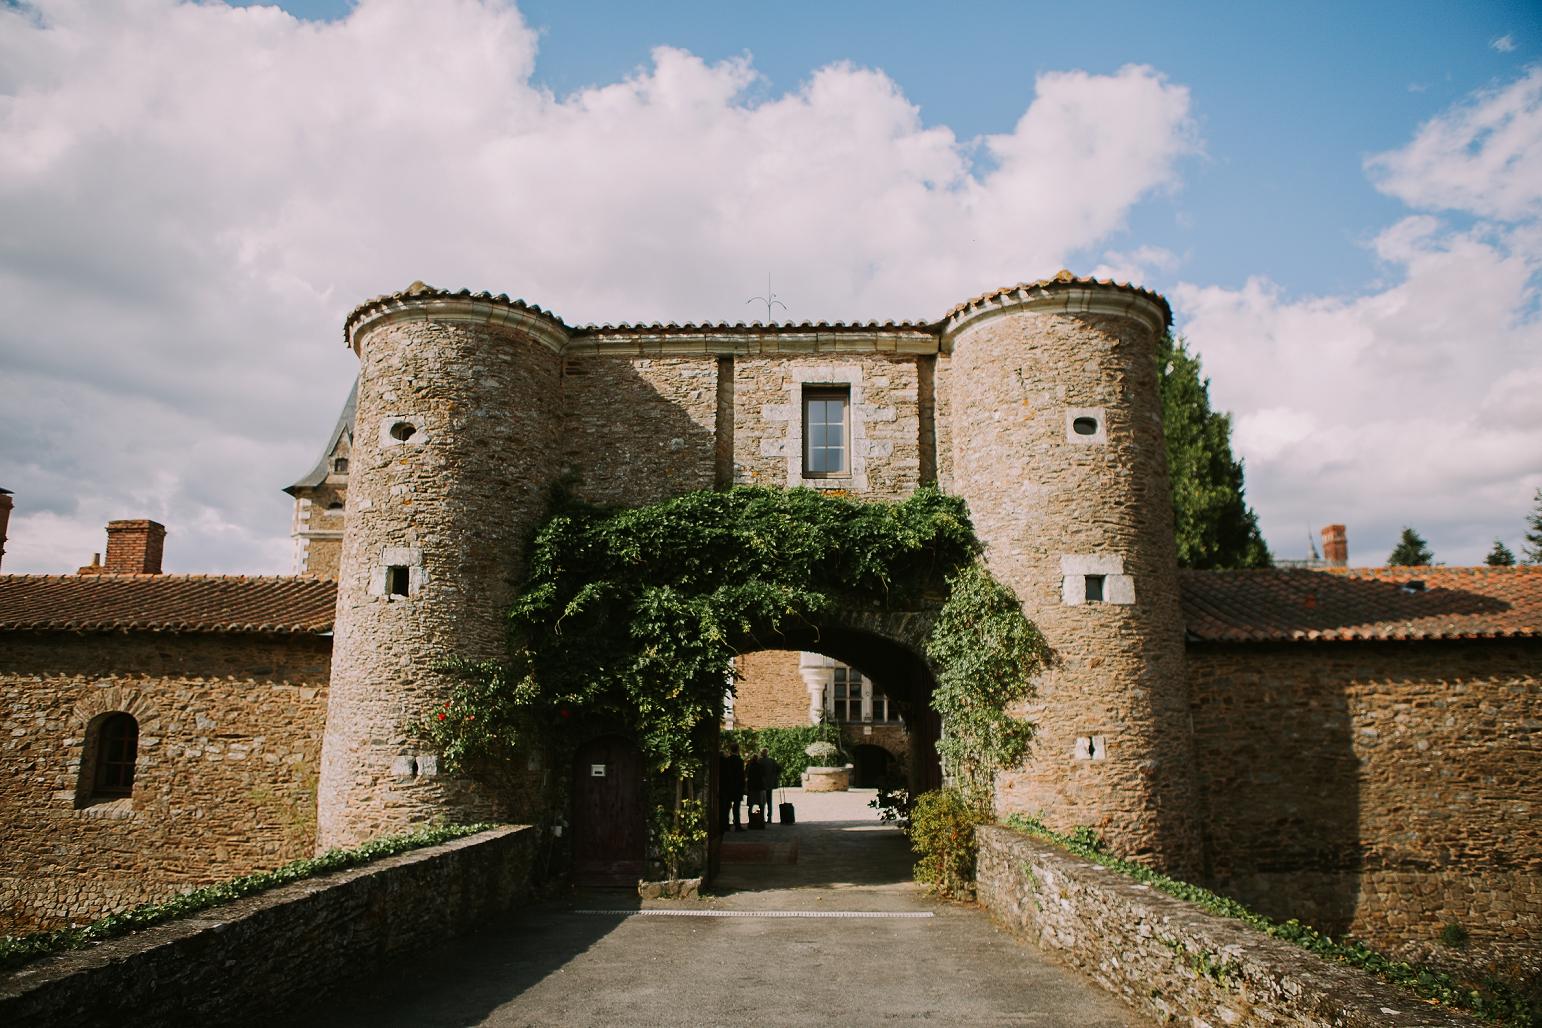 kateryna-photos-mariage-wedding-france-bretagne-pays-de-la-loire-chateau-de-la-colaissiere-st-sauveur-de-landemont_0053.jpg